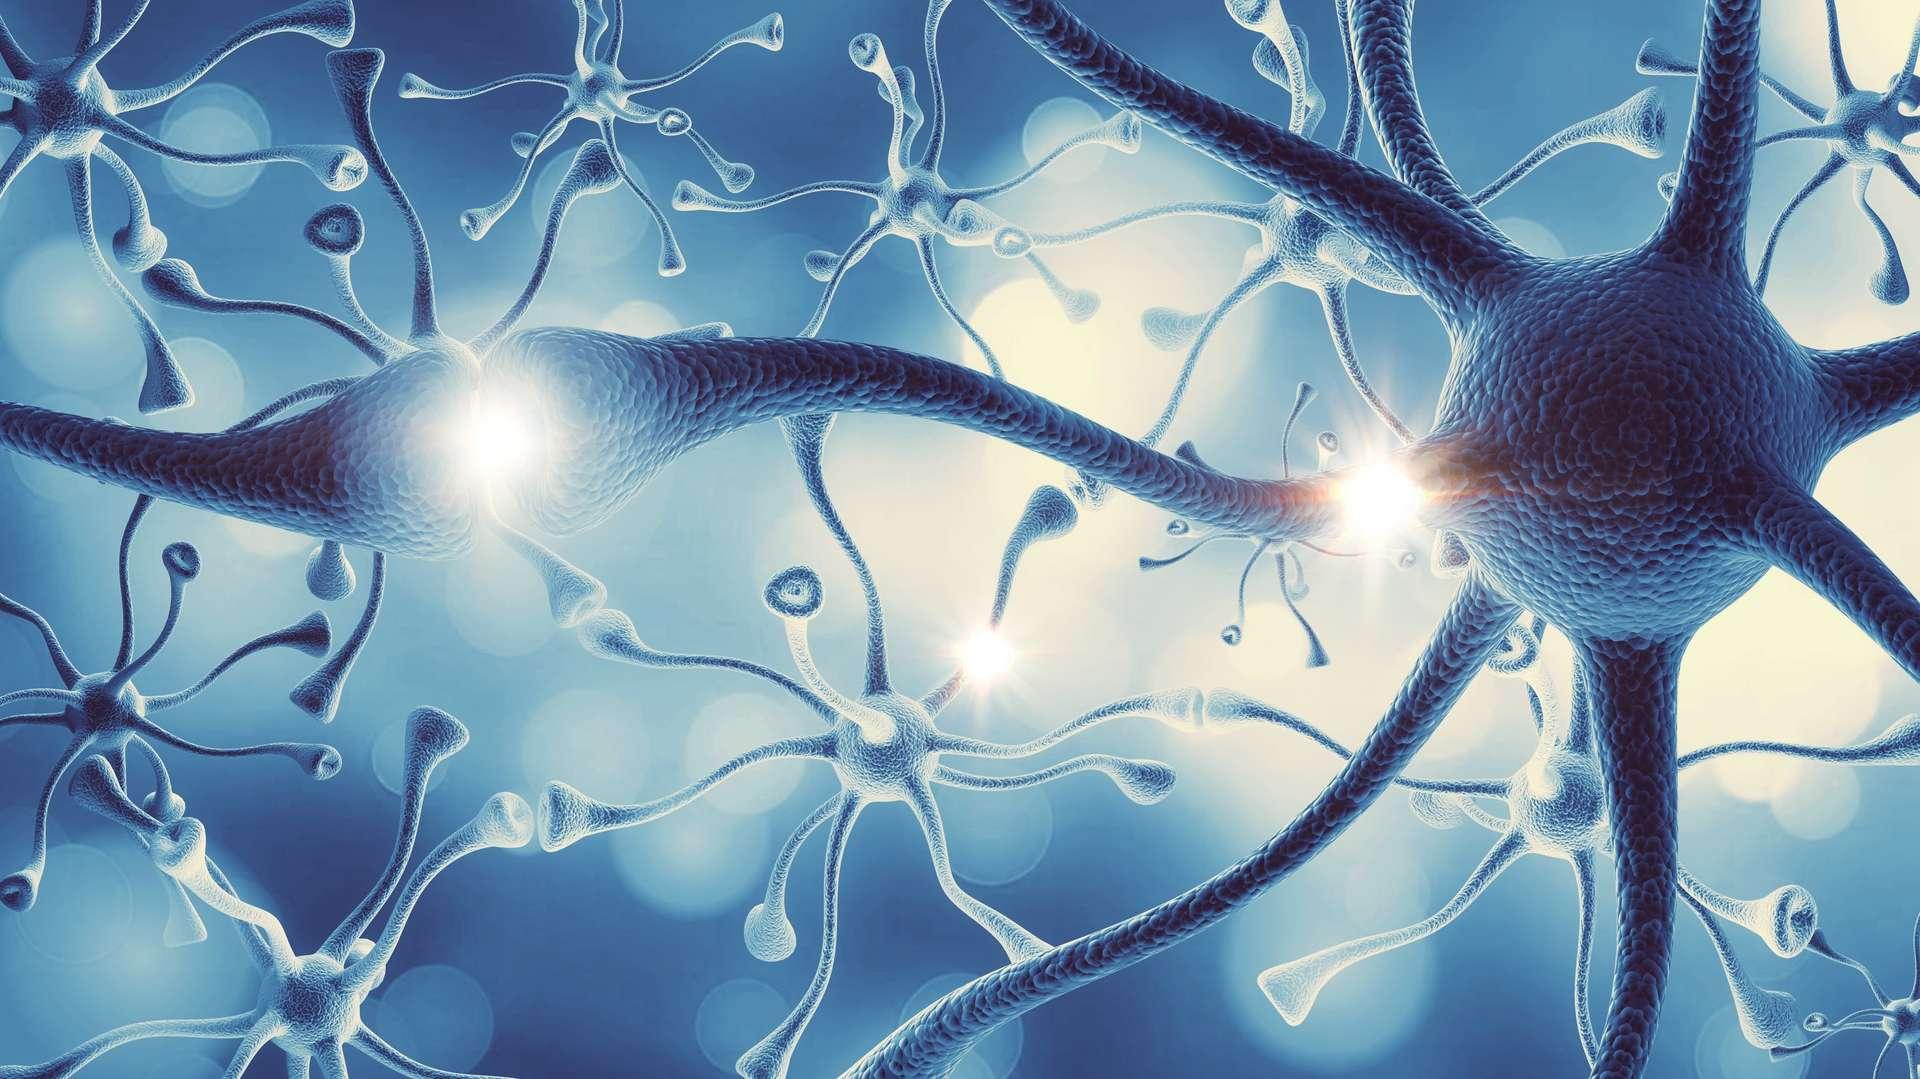 Des cellules ont pu être reprogrammées pour utiliser des matériaux synthétiques, fournis par les scientifiques, afin de construire des structures artificielles et fonctionnelles à l'intérieur du corps. © BillionPhotos.com, Adobe Stock